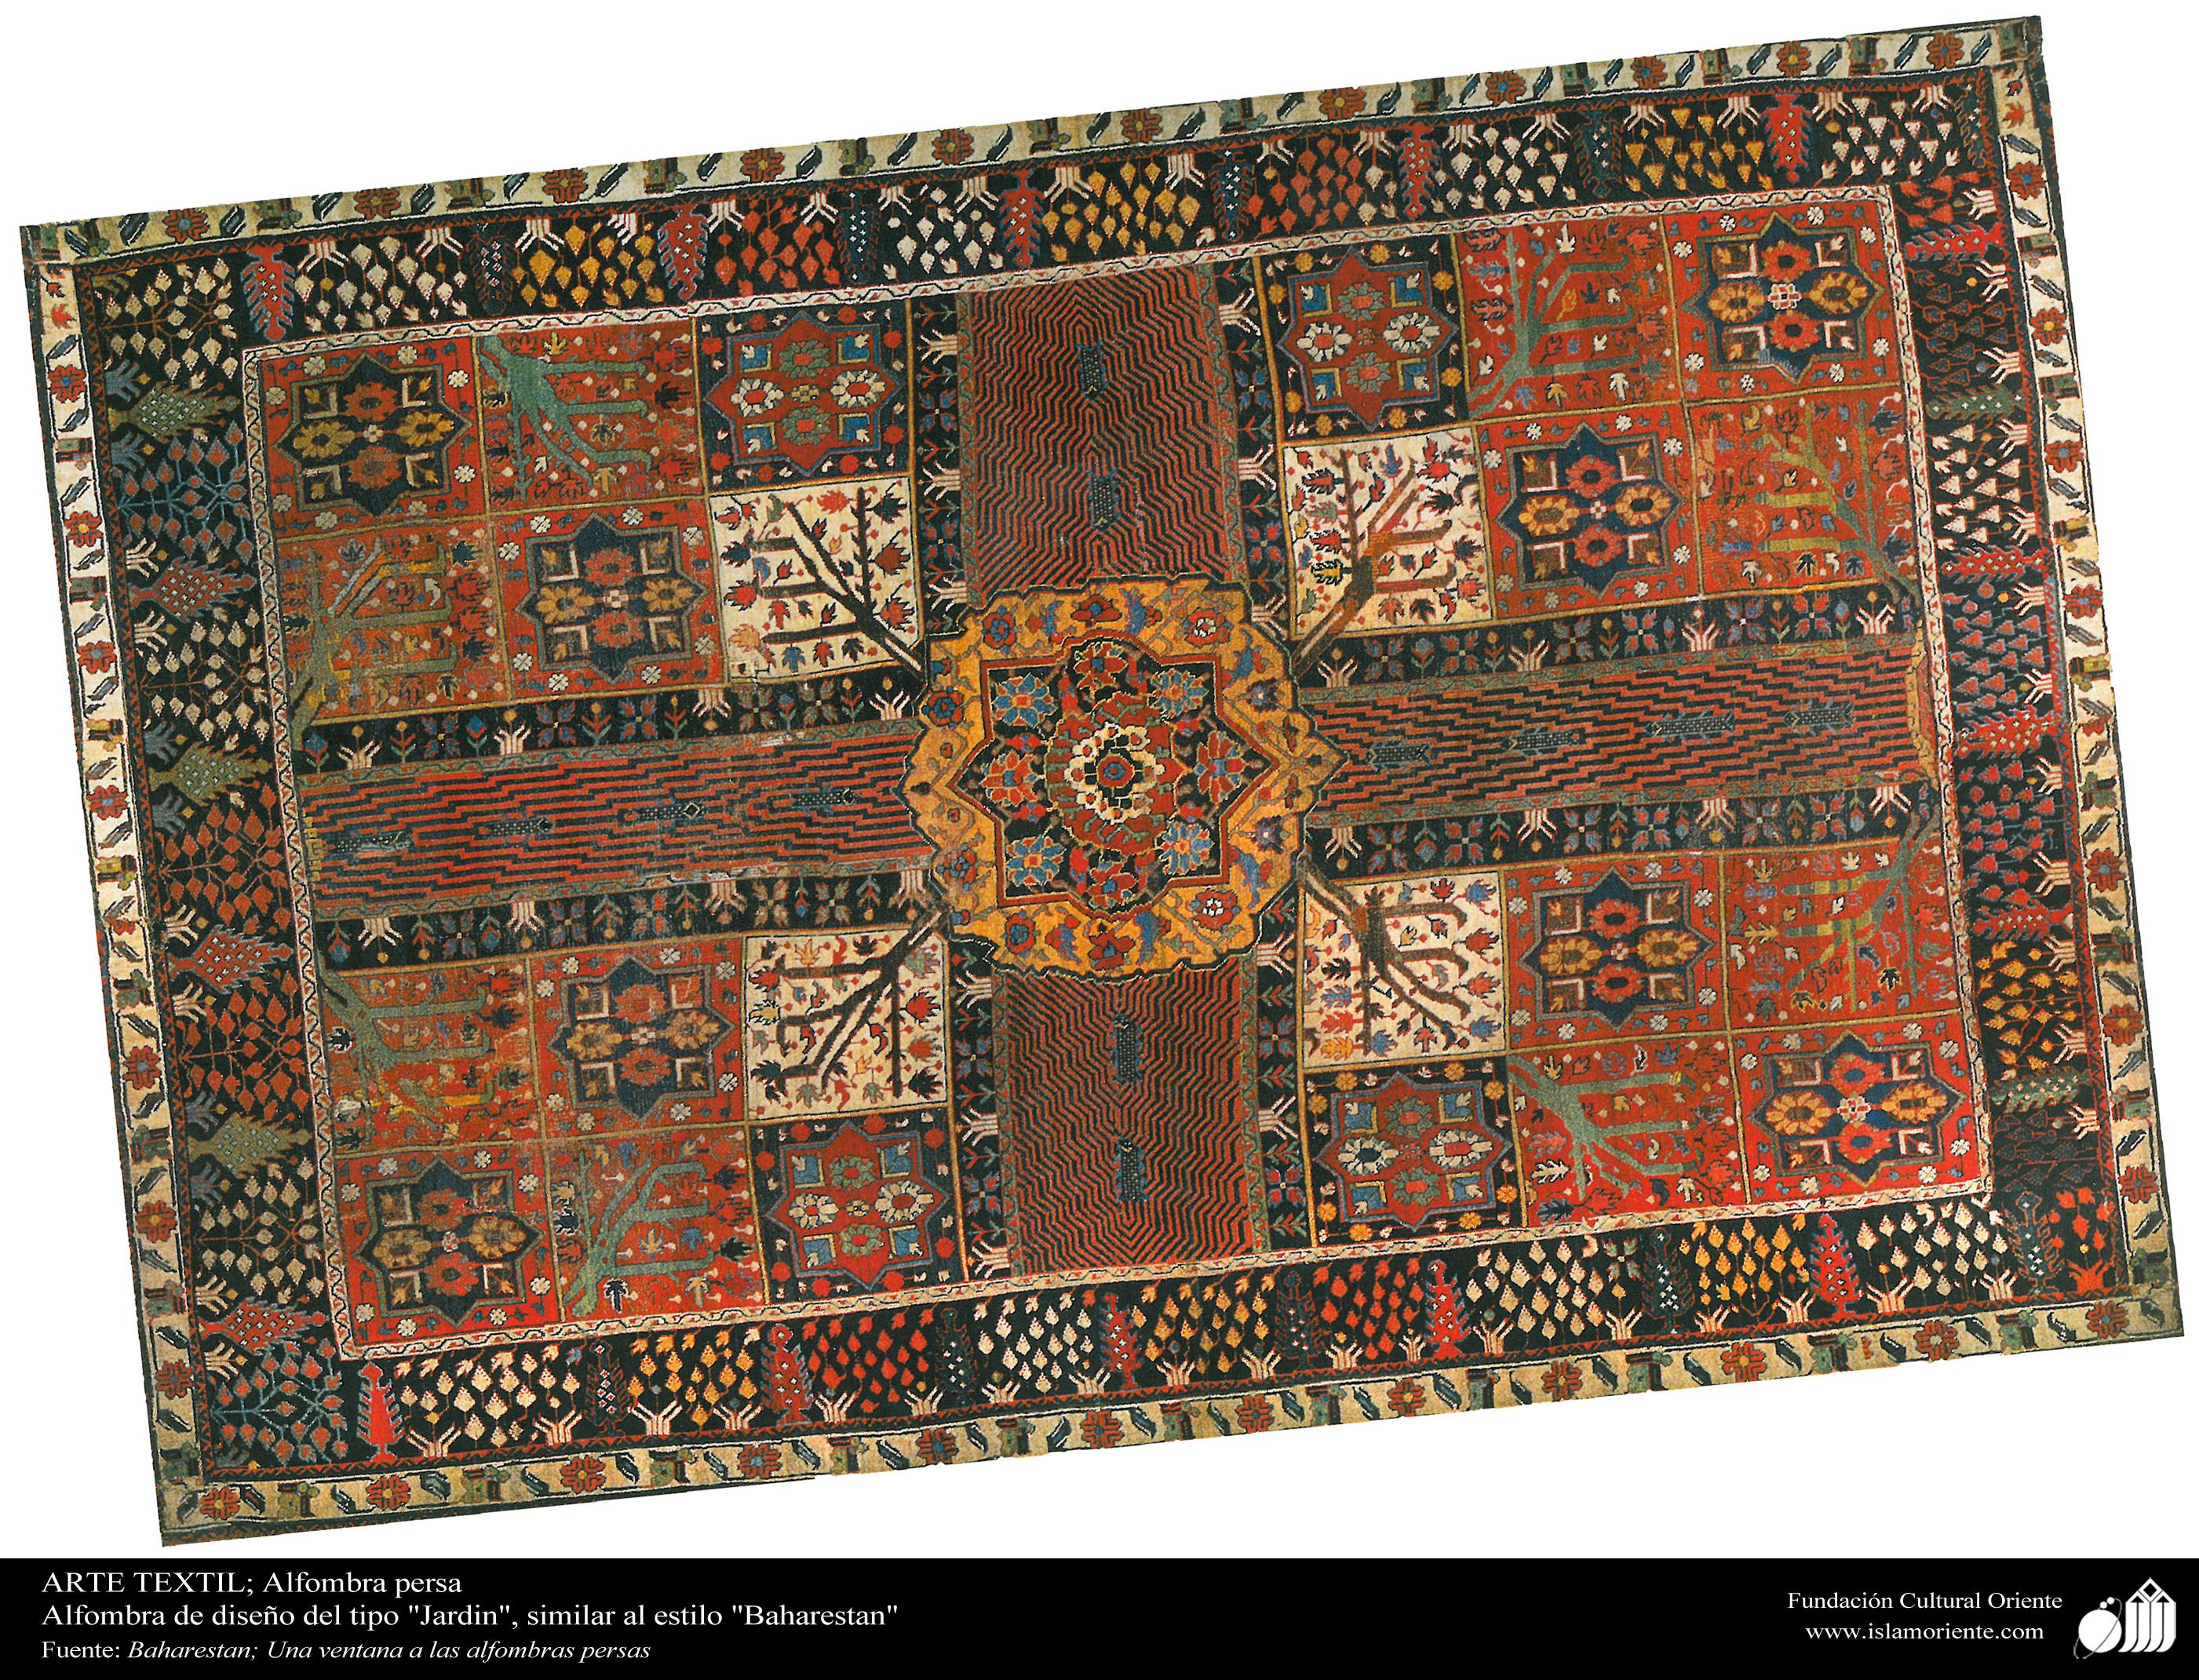 alfombra persa alfombra de dise o del tipo jardin